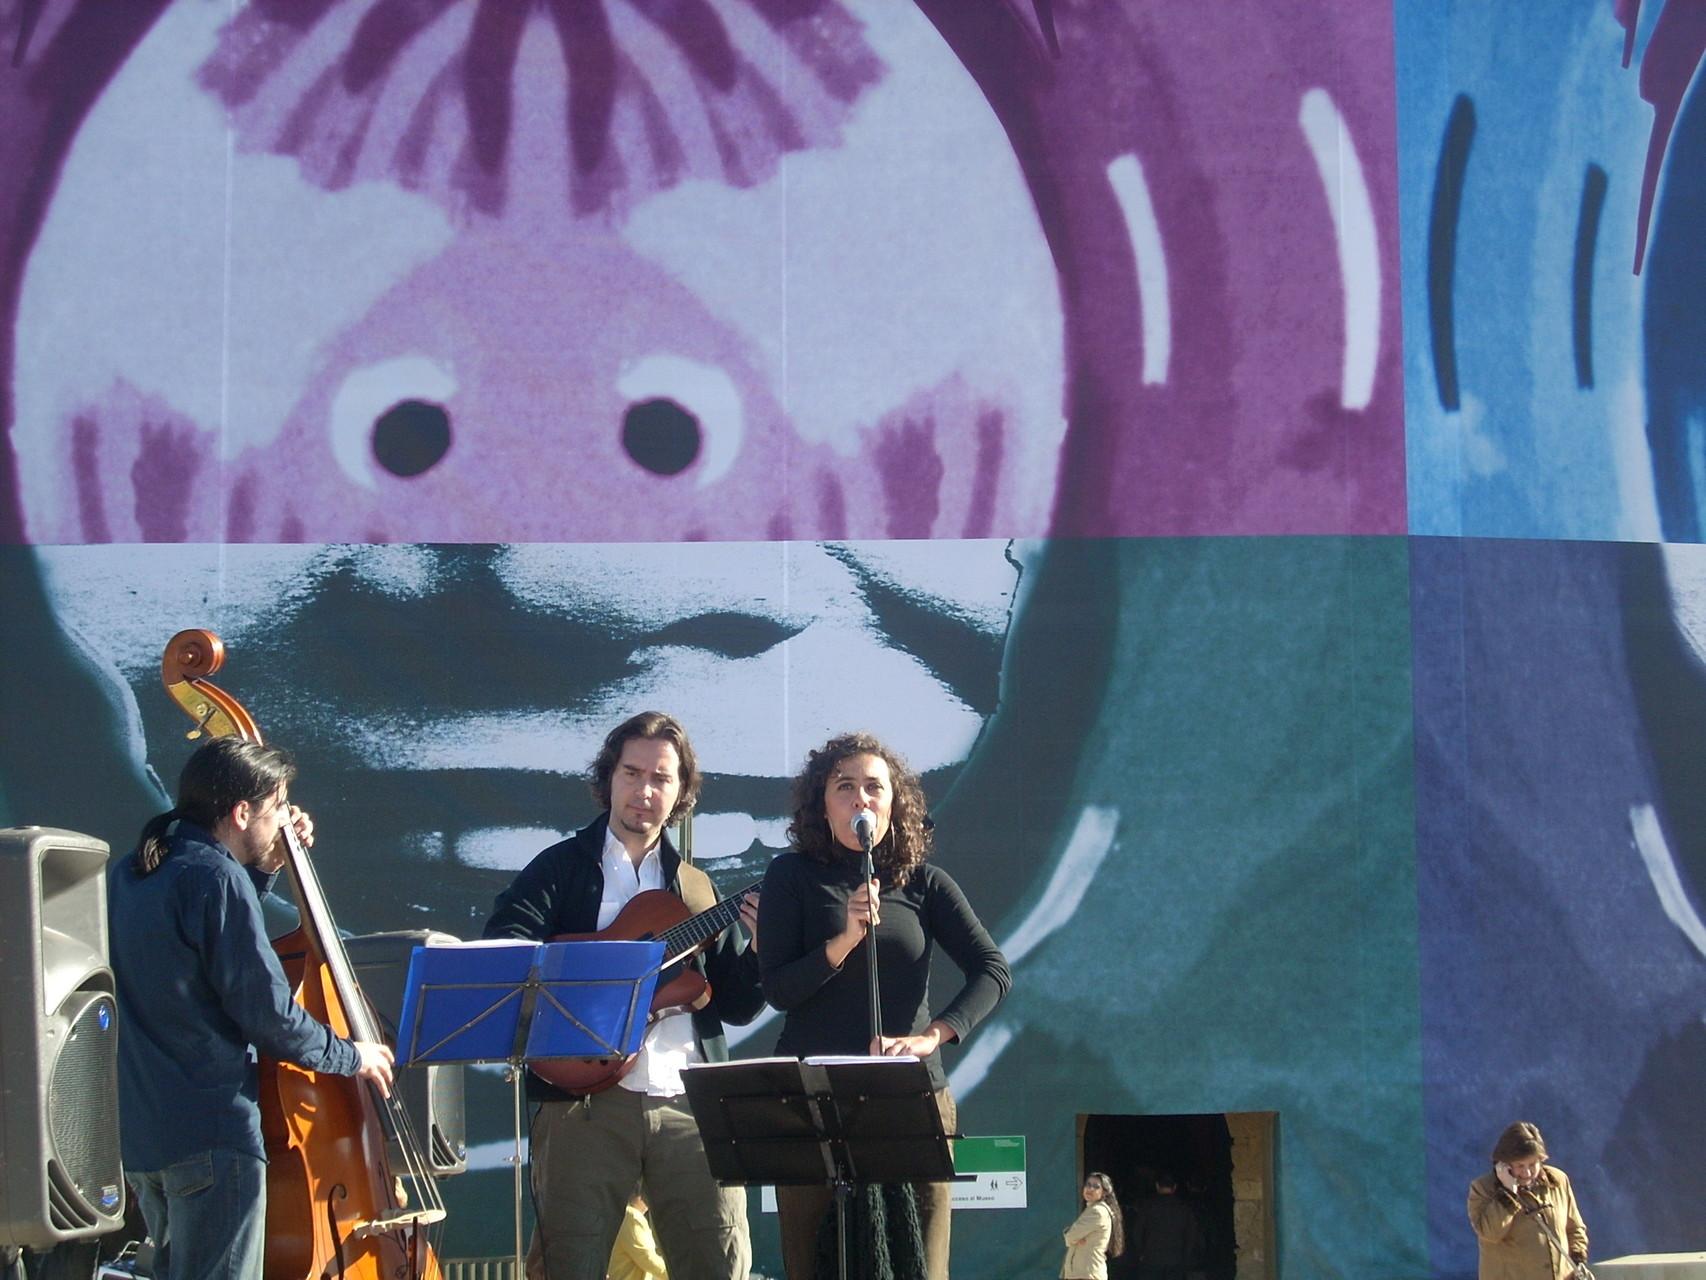 TRÍO. Inauguración PUENTE ROMANO. CORDOBA. ENERO 2008